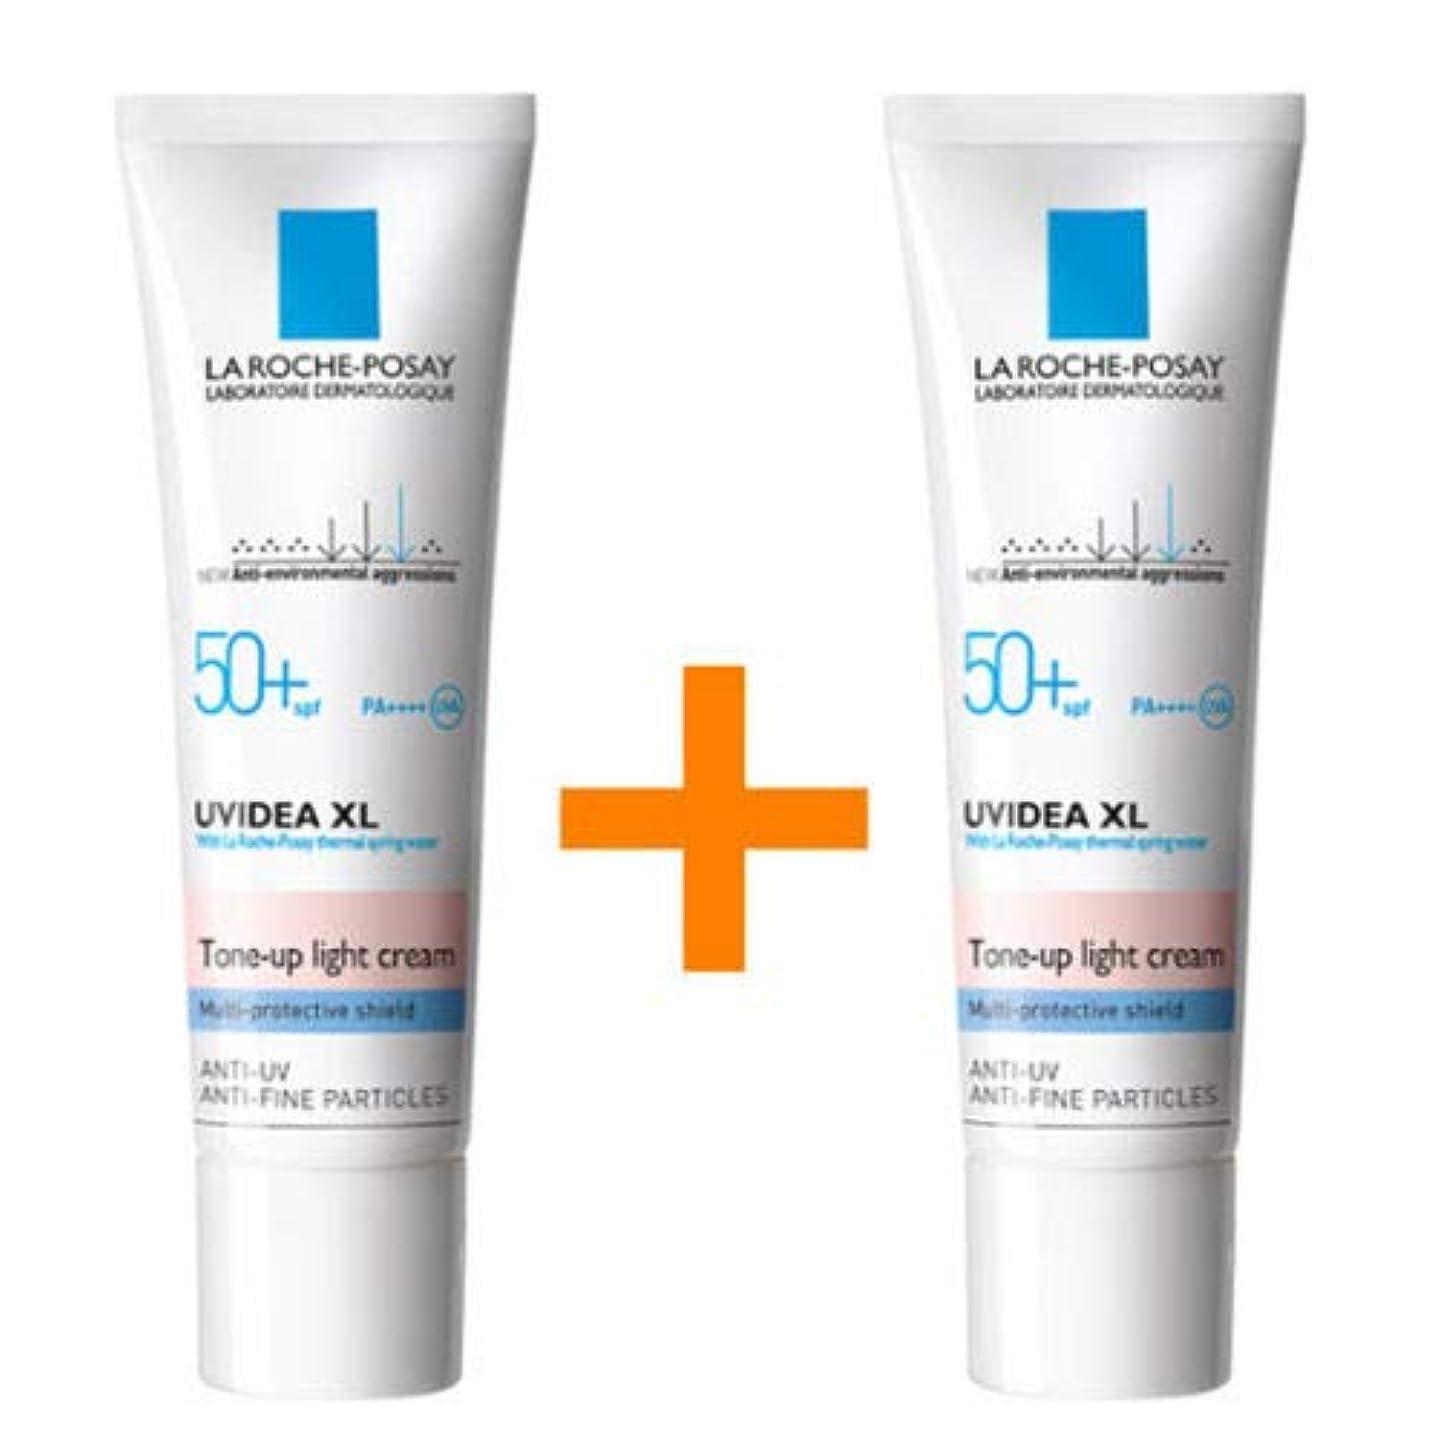 貫通する副ラリー[1+1] La Roche-Posay ラロッシュポゼ UVイデア XL プロテクショントーンアップ Uvidea XL Tone-up Light Cream (30ml)